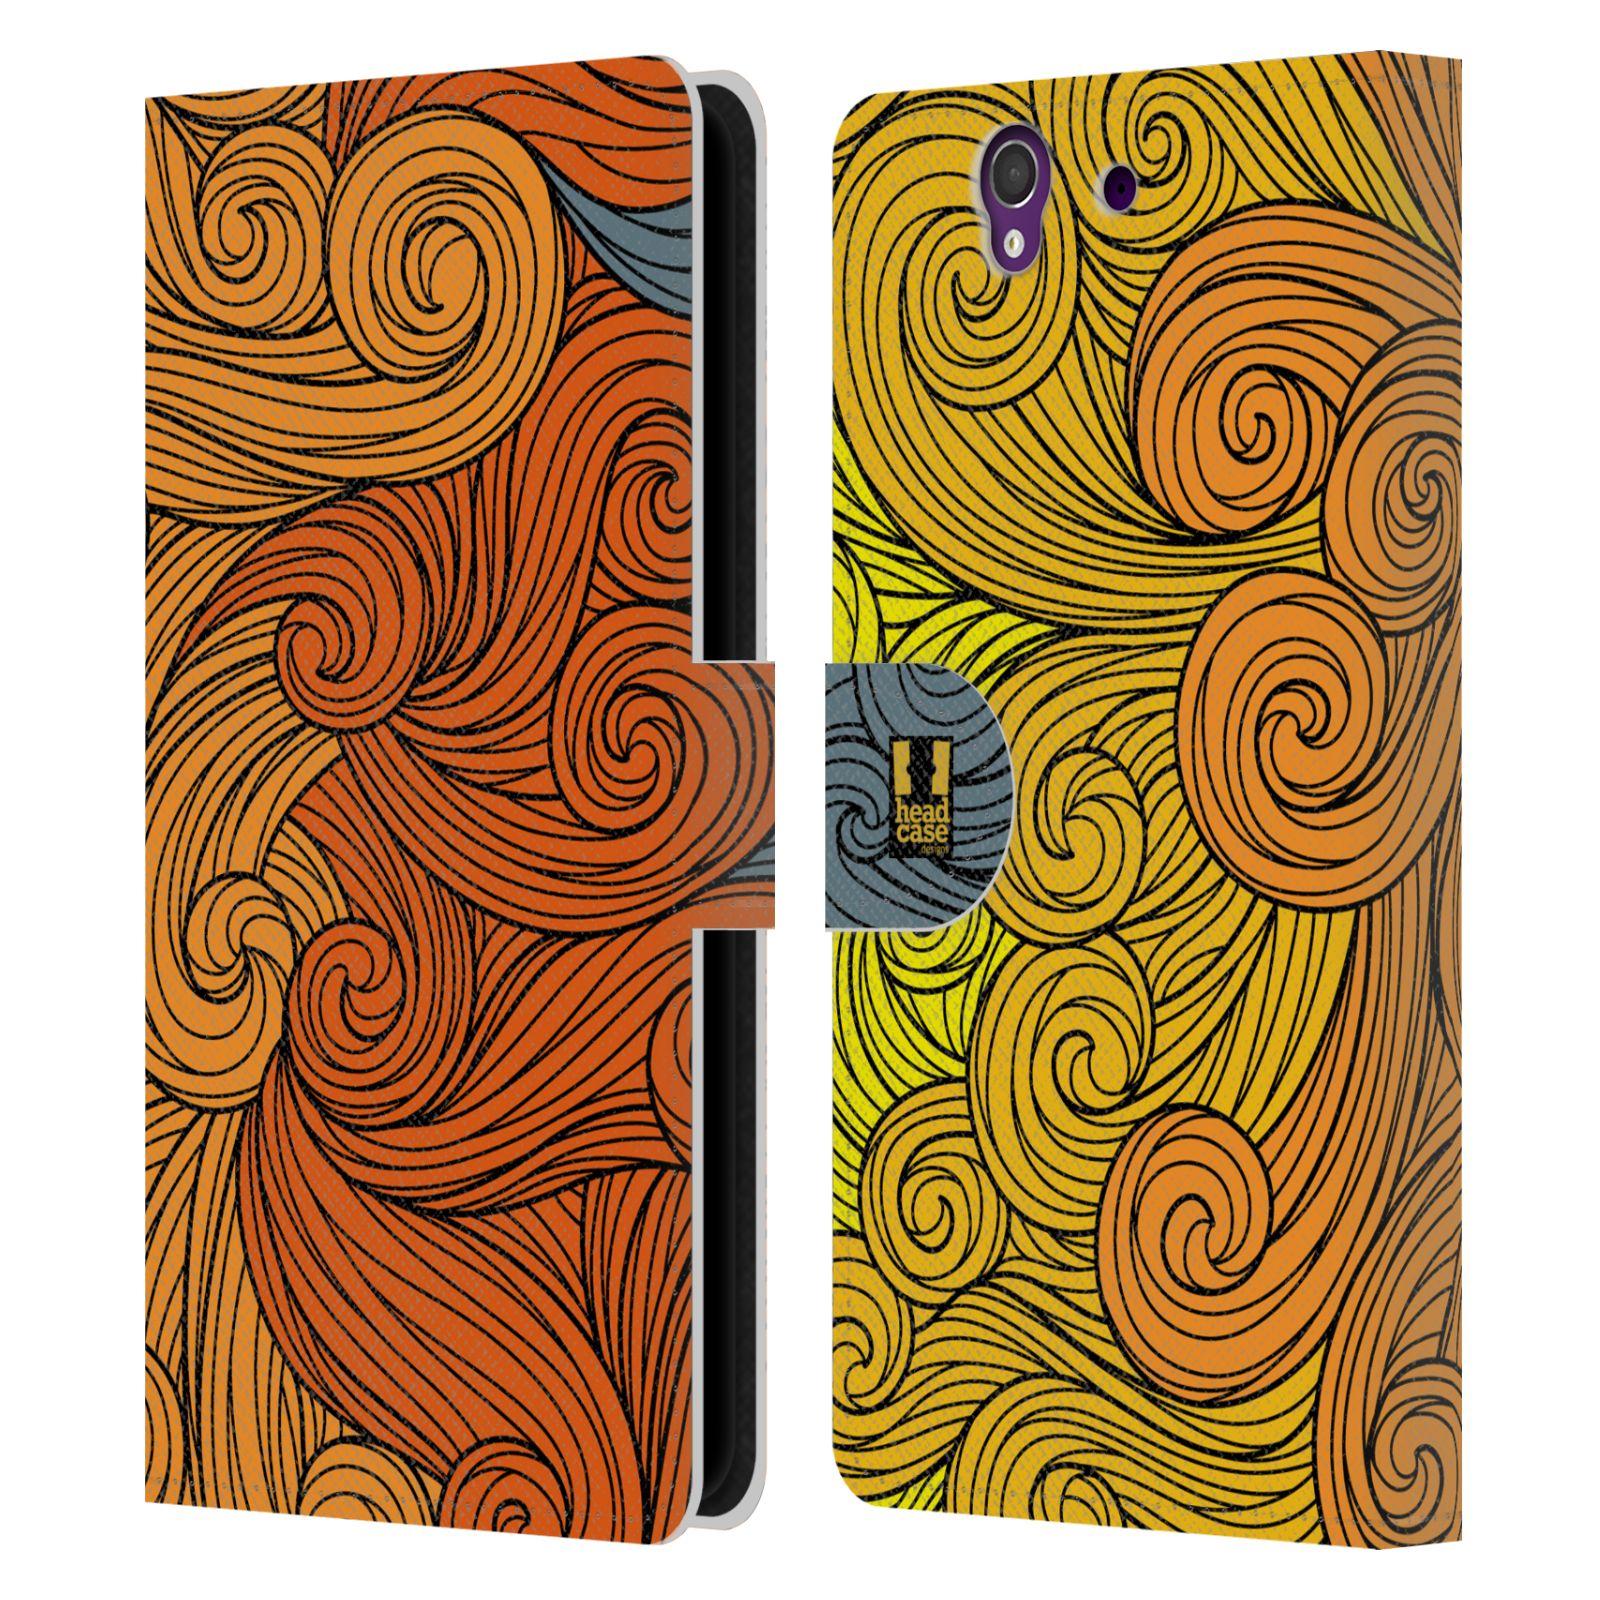 HEAD CASE Flipové pouzdro pro mobil SONY XPERIA Z (C6603) barevné vlny žlutá a oranžová